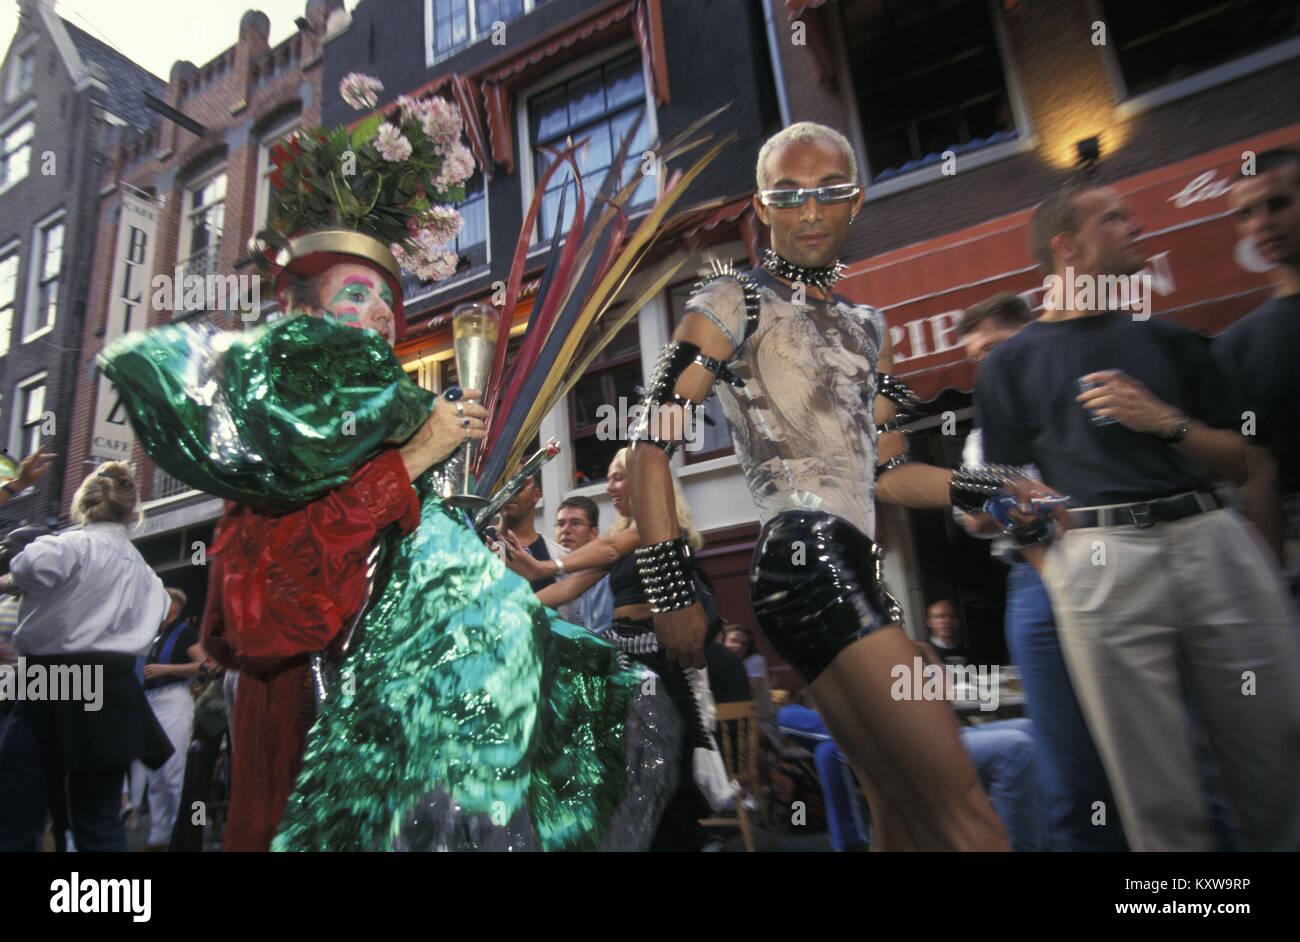 Los Países Bajos. Amsterdam. Canal Pride Parade, parte del Amsterdam Pride Festival, prestando atención Imagen De Stock